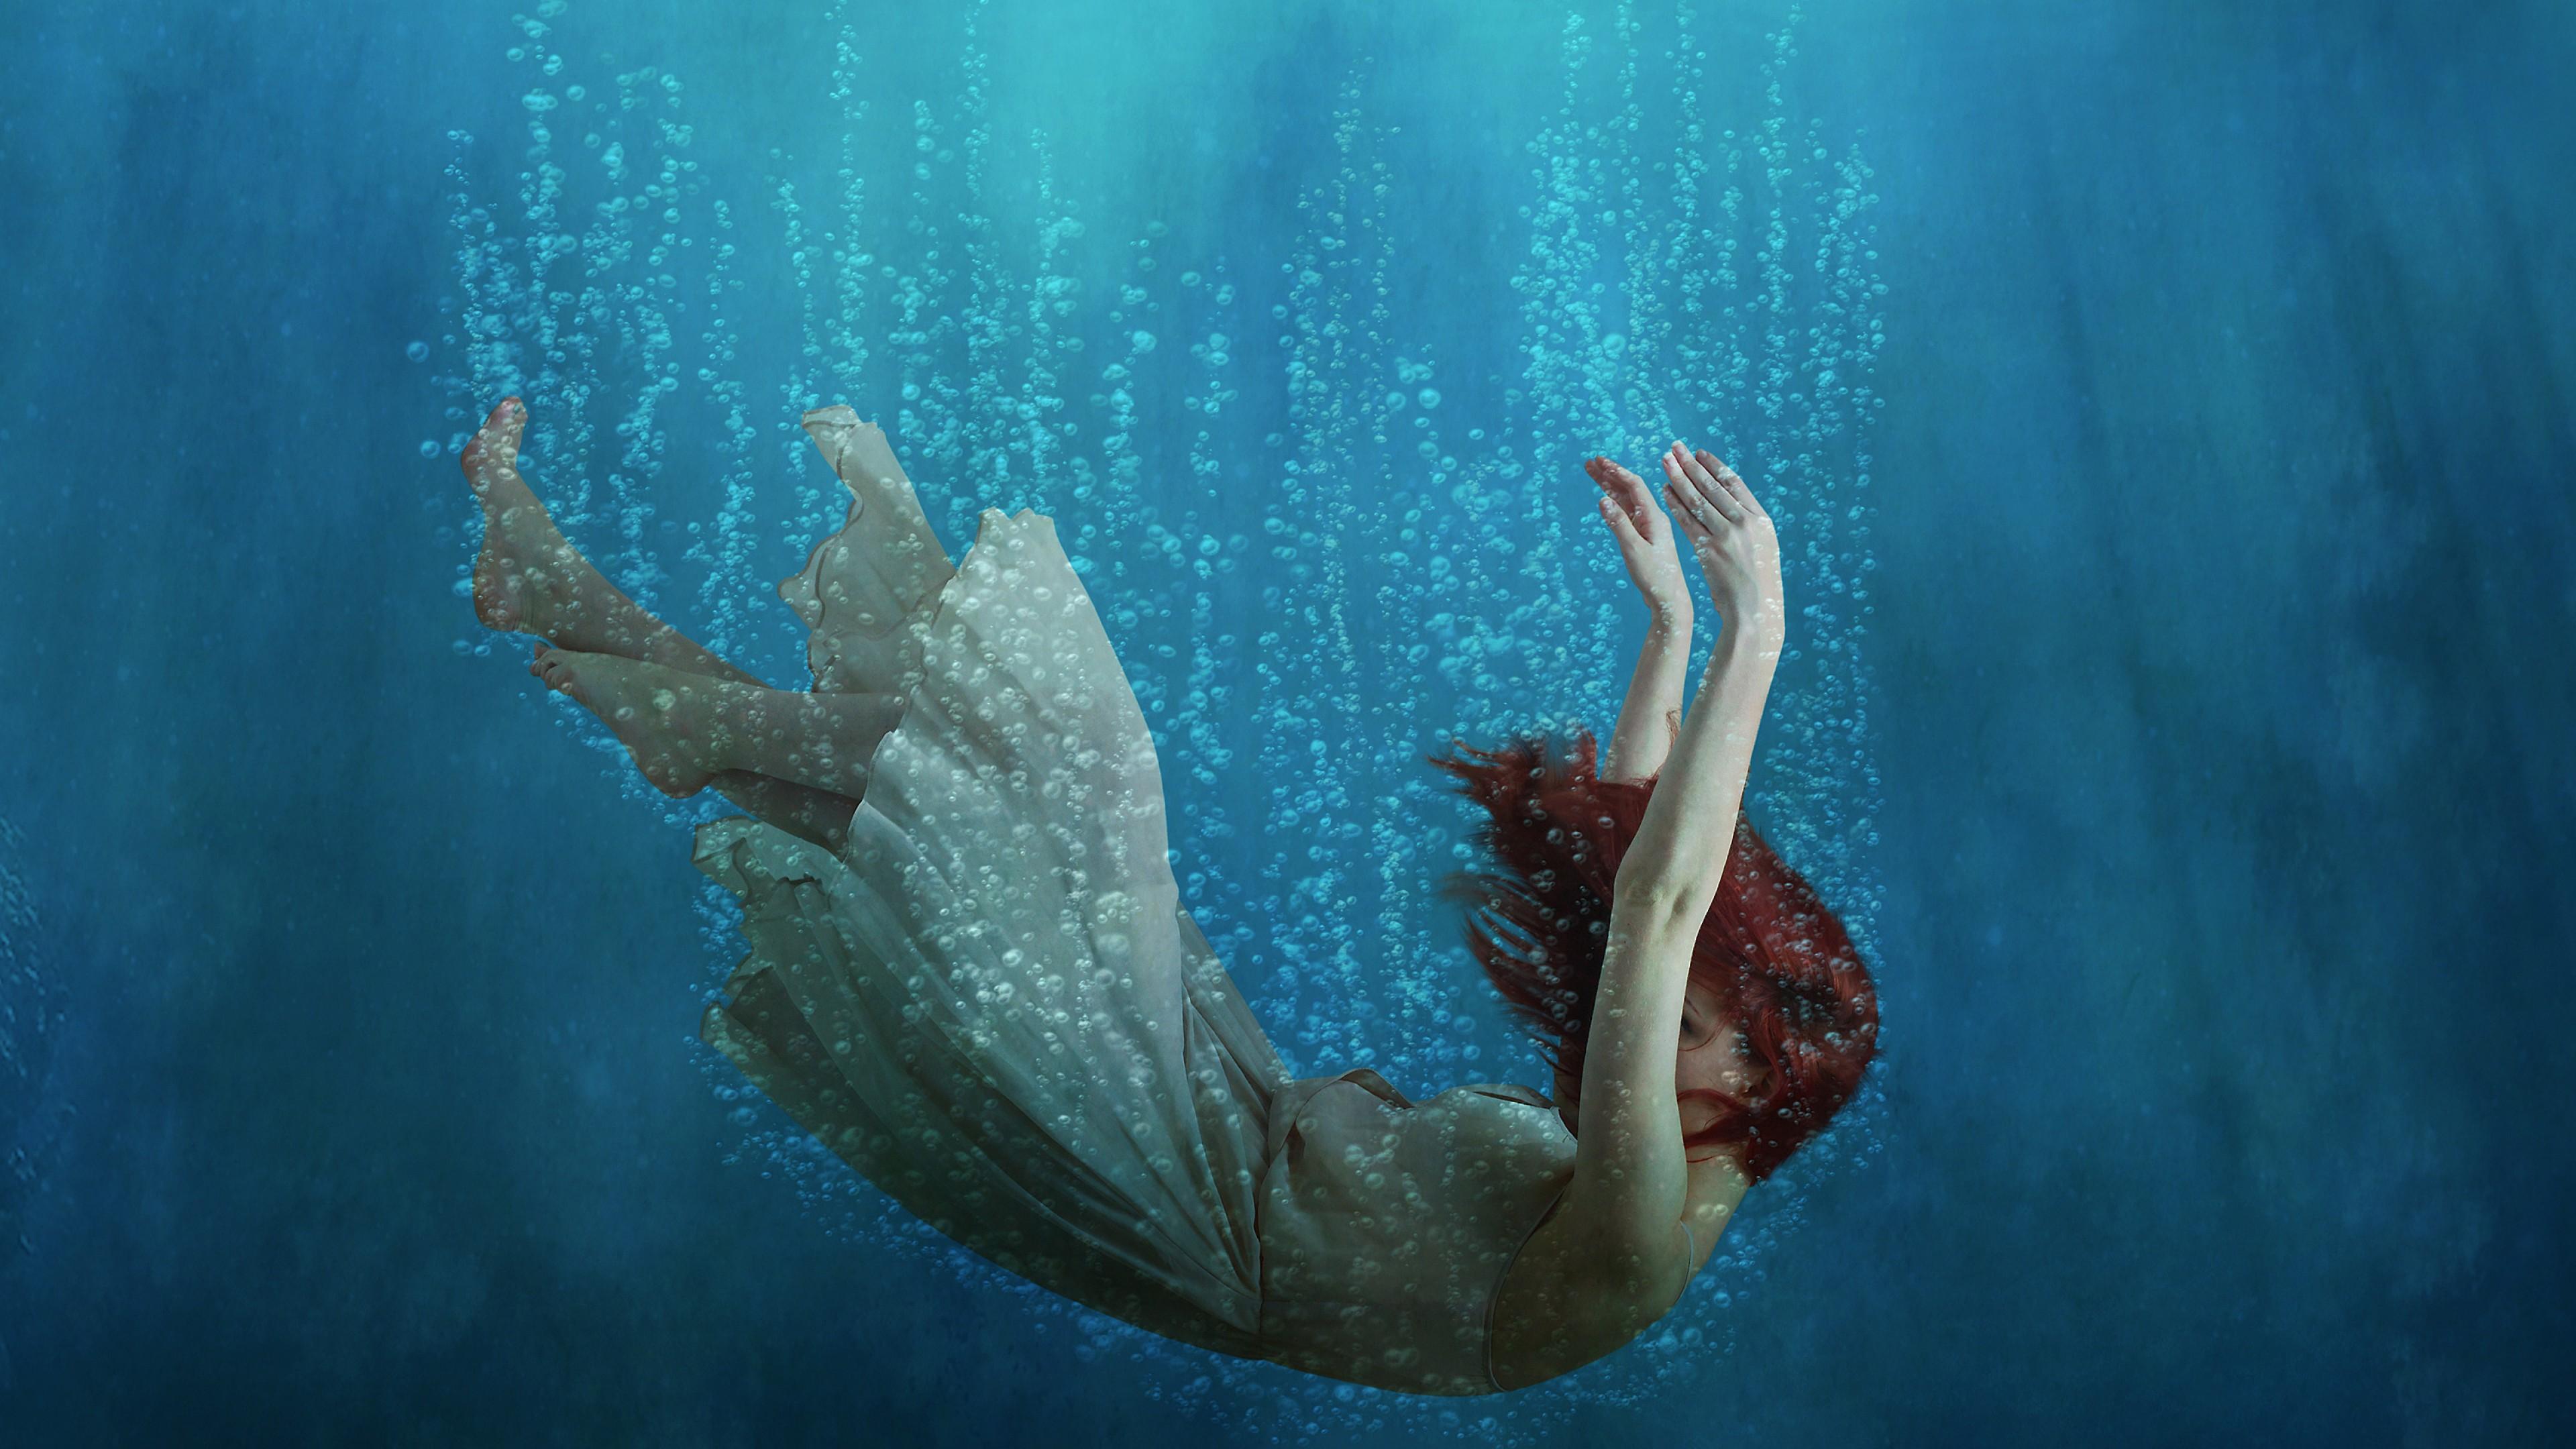 Падающая девочка в синих водах океана с  белыми струйками воздуха